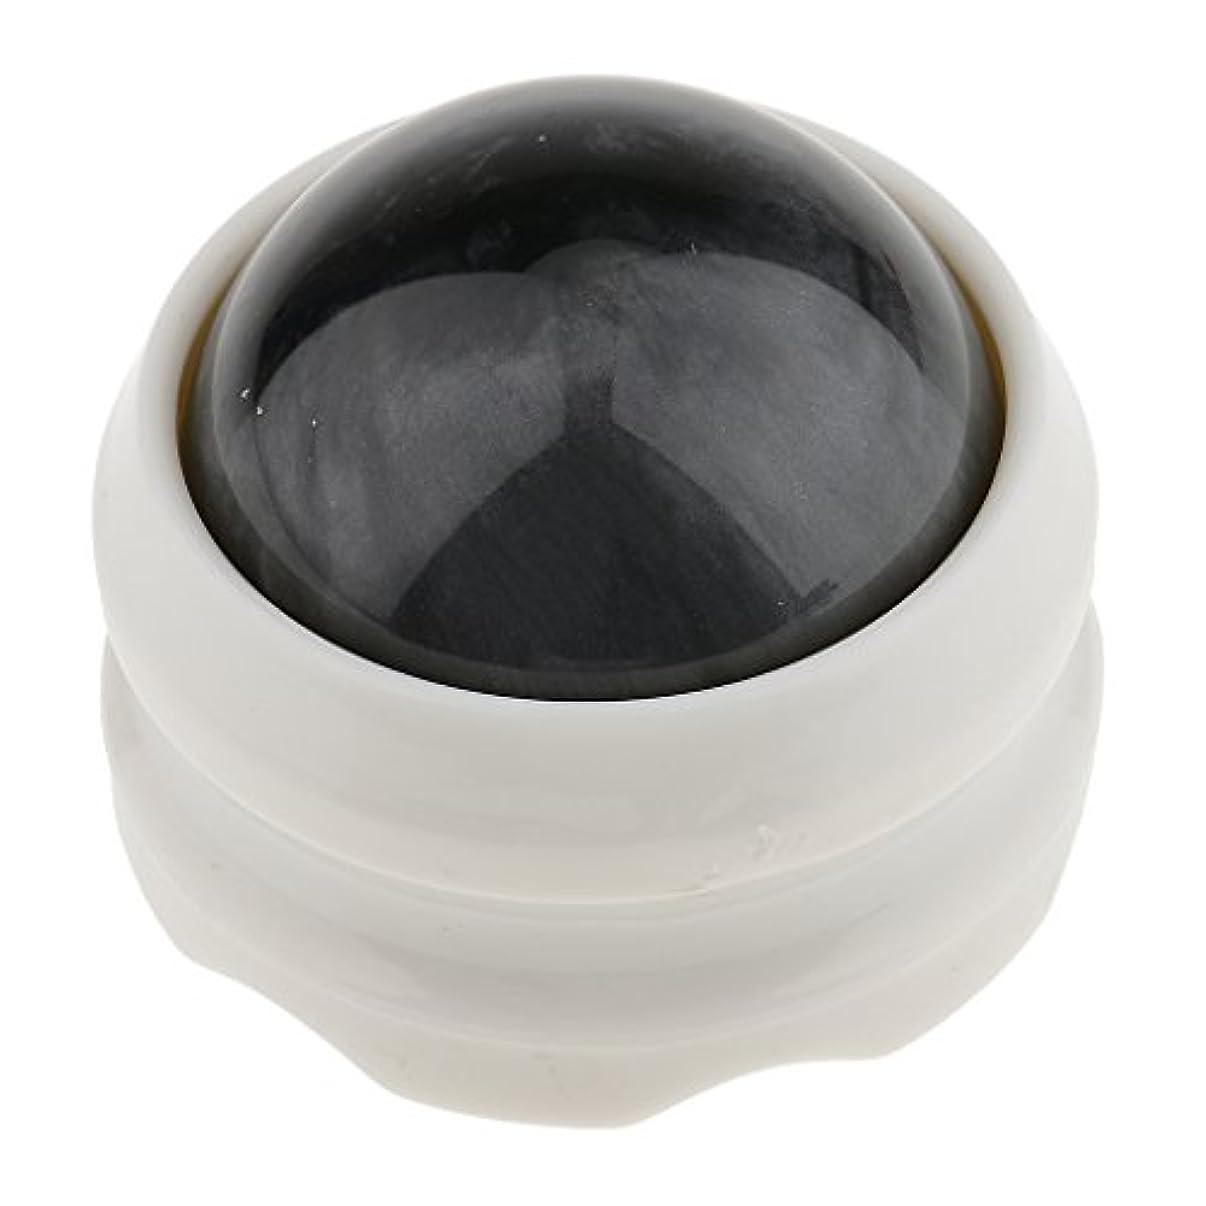 協同顎バクテリアSONONIA マッサージ ローラーボール ボディ バック ネック フット セルフマッサージ ツール 全4色 - グレーホワイト